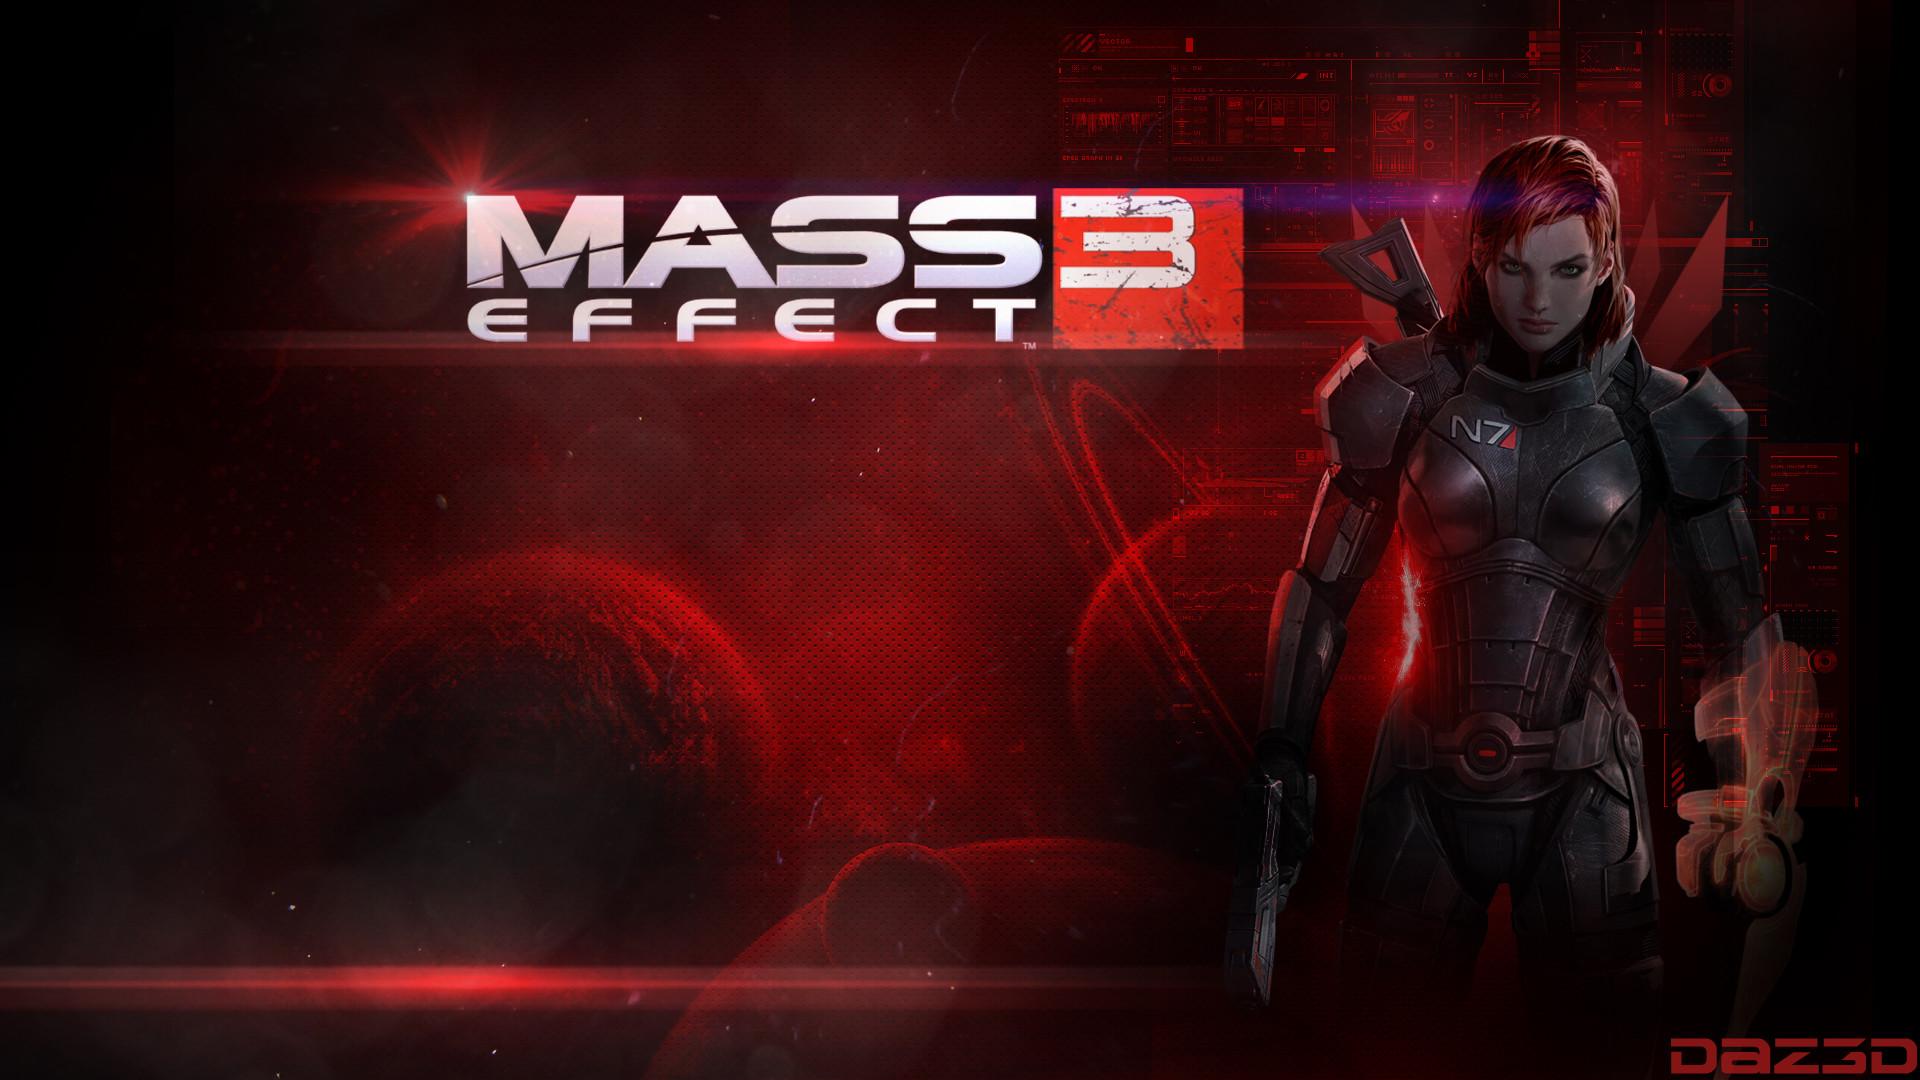 … Mass Effect 3 FemShep Fan Made Wallpaper by DaZeGFX